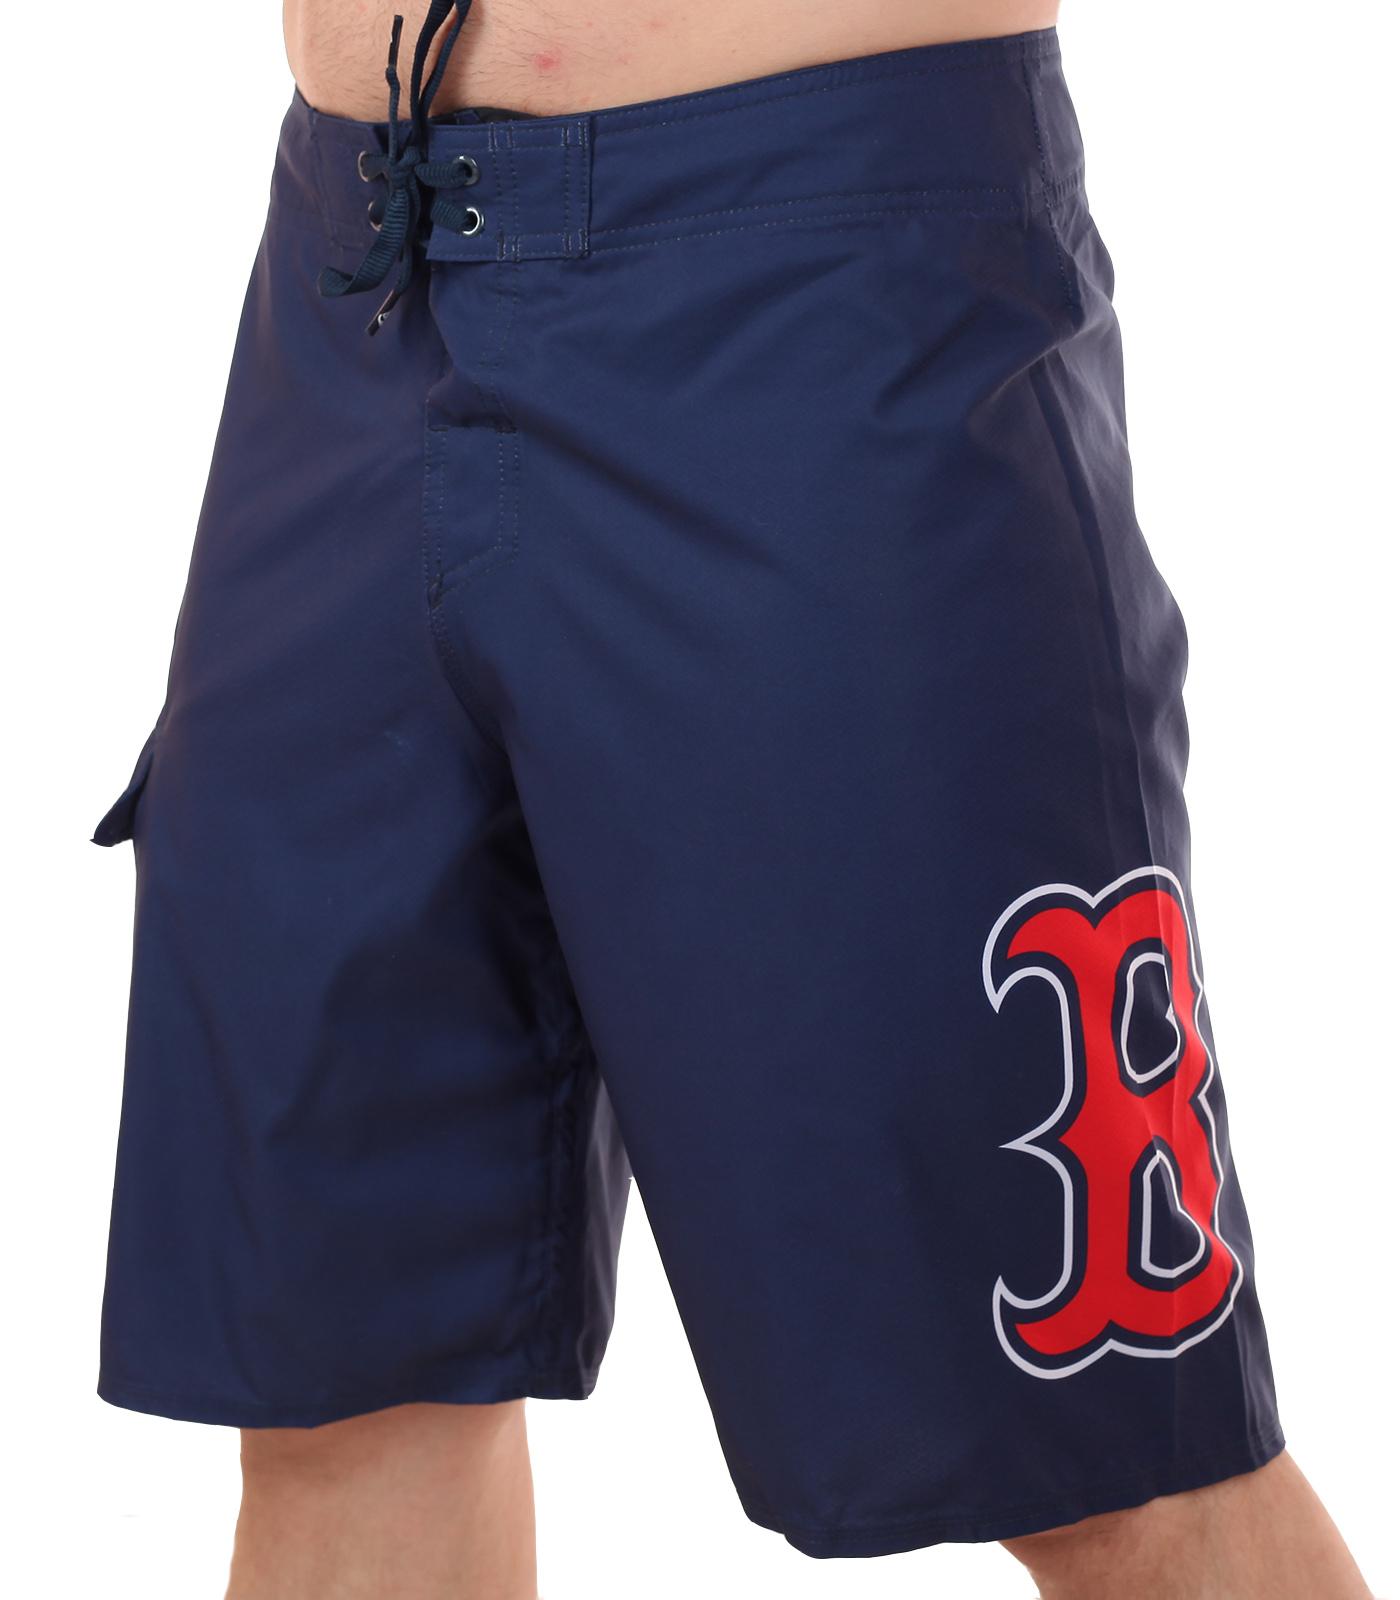 Лаконичные бордшорты с лого бейсбольного клуба MLB Boston Red Sox